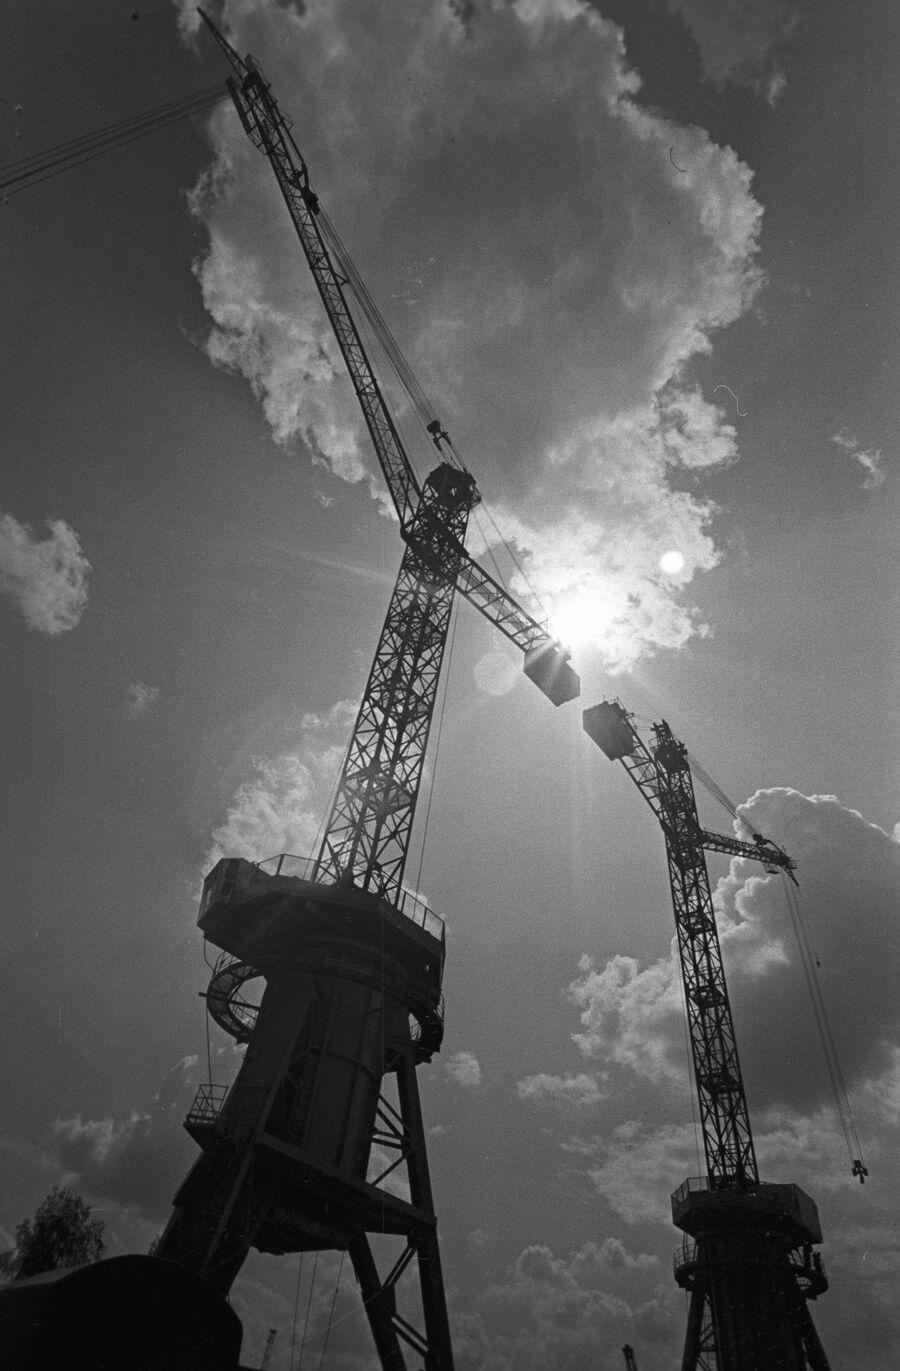 Новолипецкий металлургический комбинат.  Строительство кислородно-конверторный цеха № 2. 1974 год